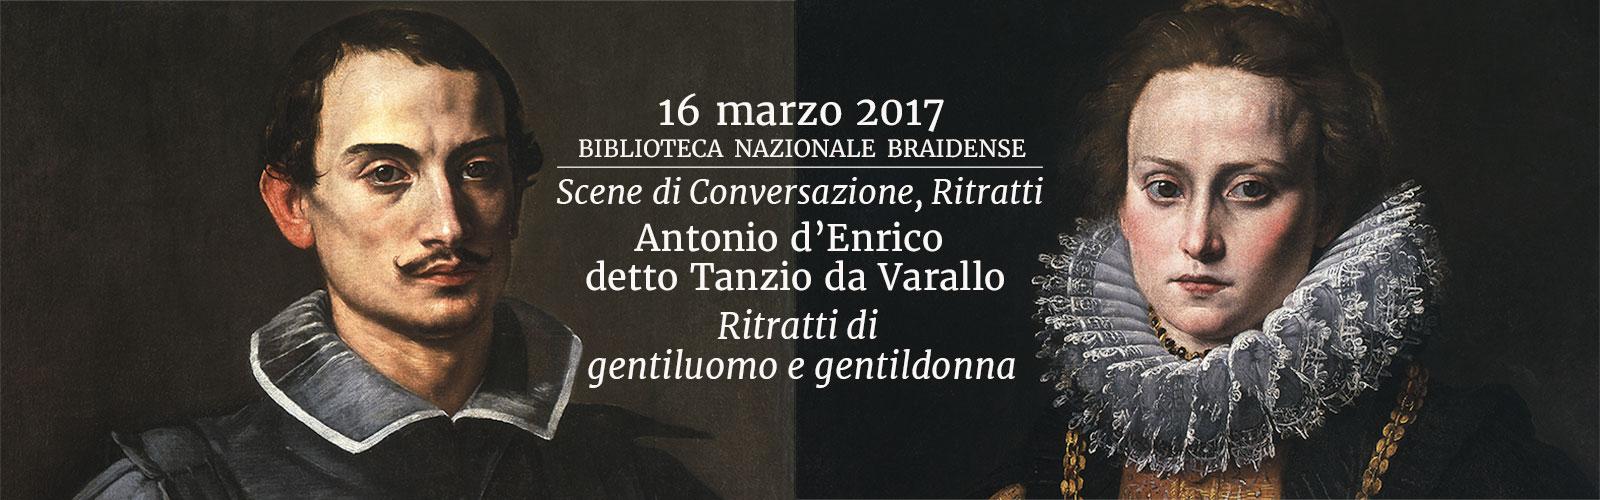 Antonio d'Enrico detto Tanzio da Varallo, <em>Ritratti di gentiluomo e gentildonna</em>, 1613-1615